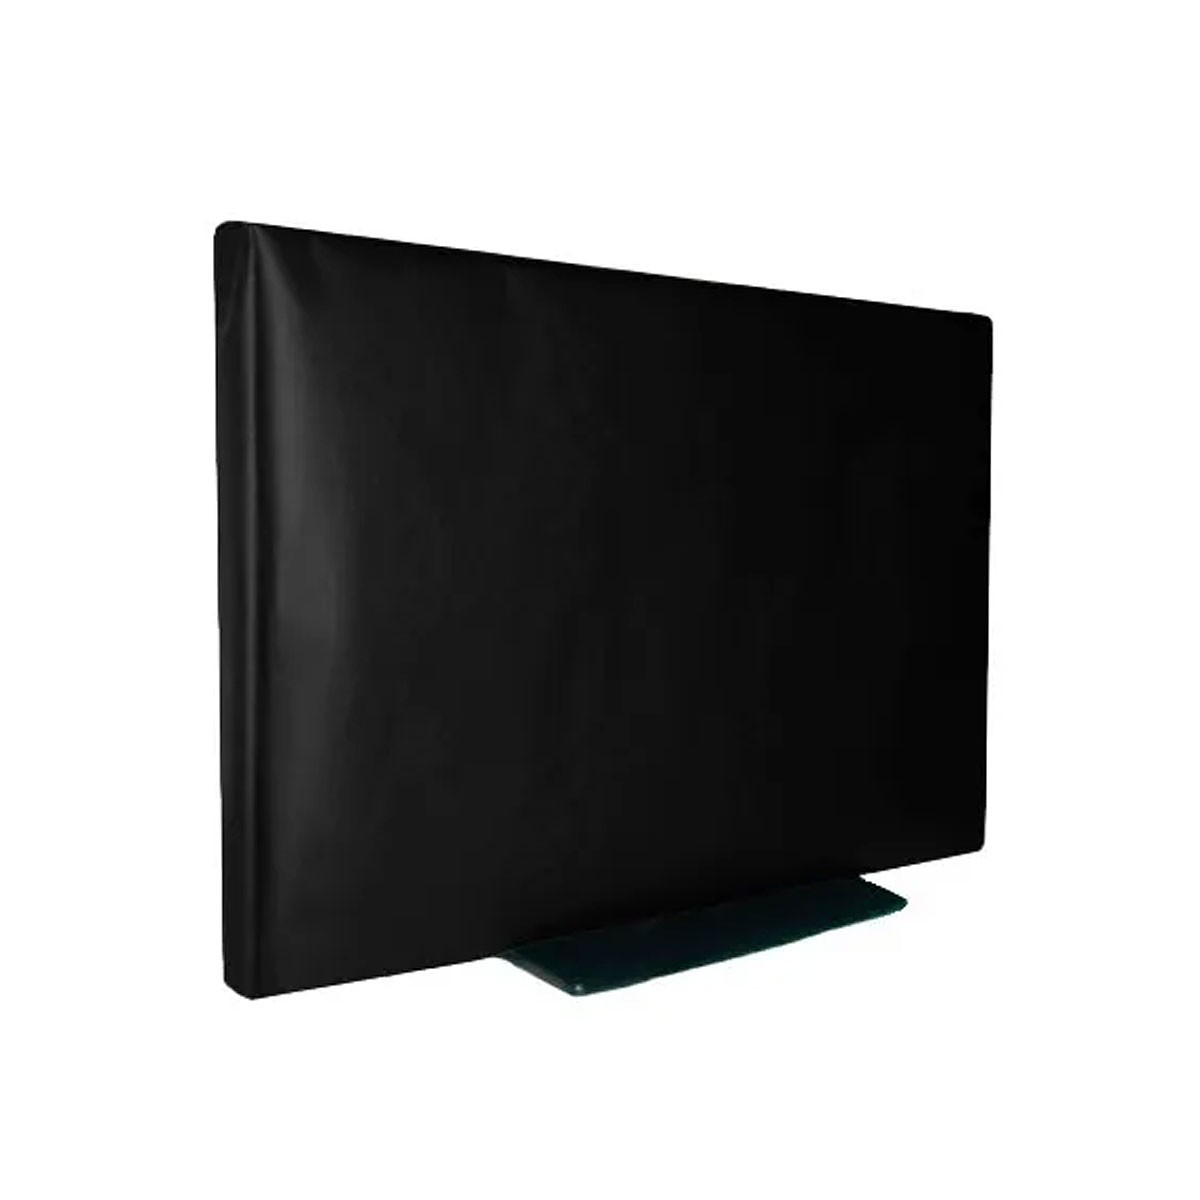 Capa De Luxo Em Corino Para Tv Lcd 55 - Suporte De Parede